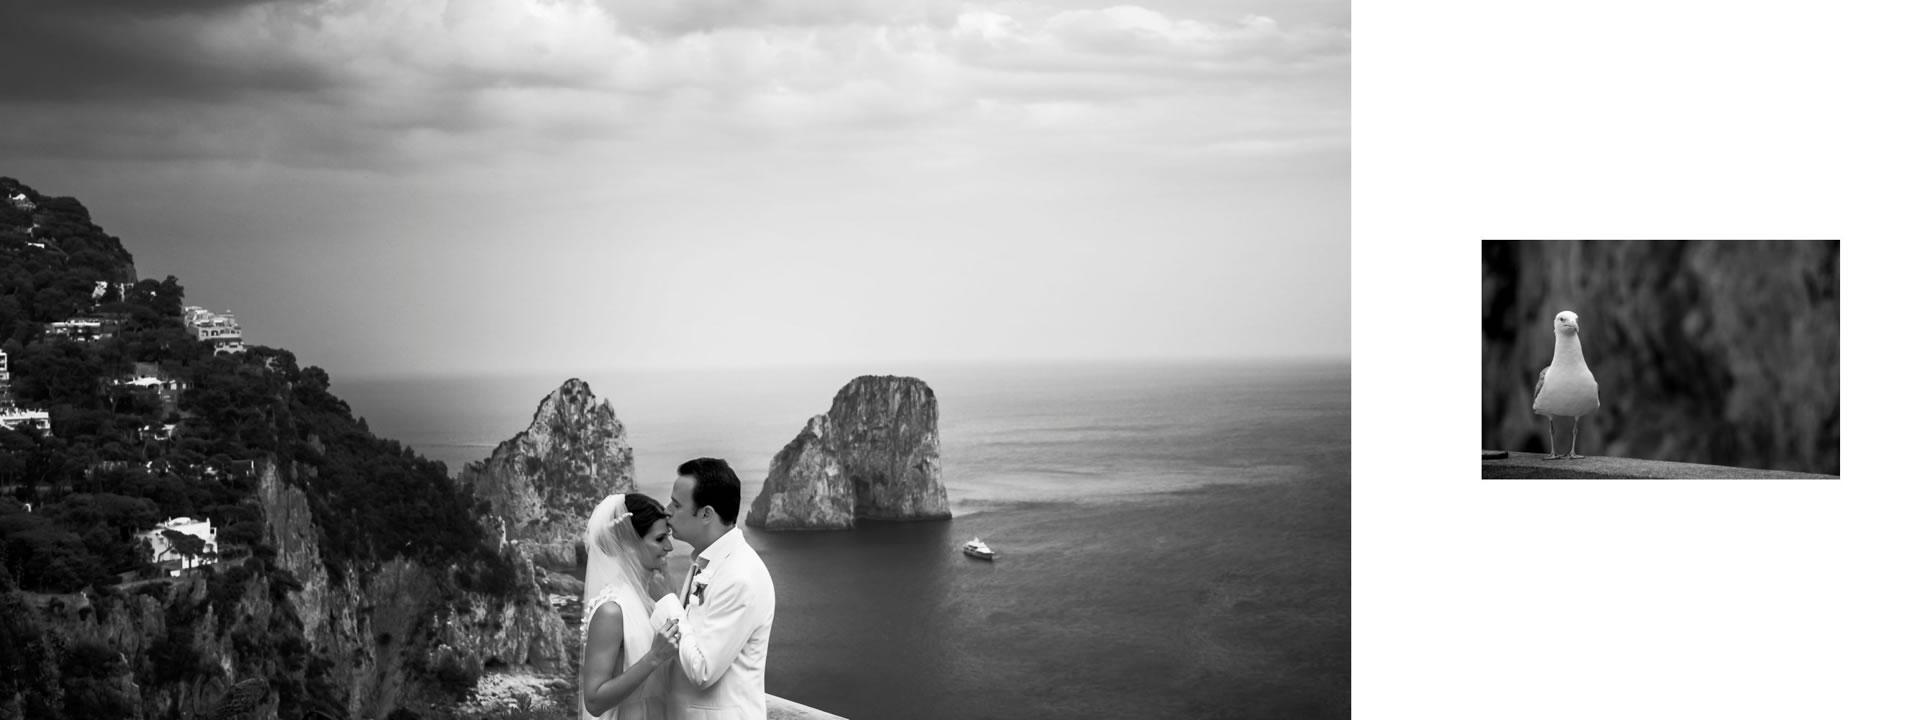 - 40 :: Jewish luxury wedding weekend in Capri :: Luxury wedding photography - 39 ::  - 40